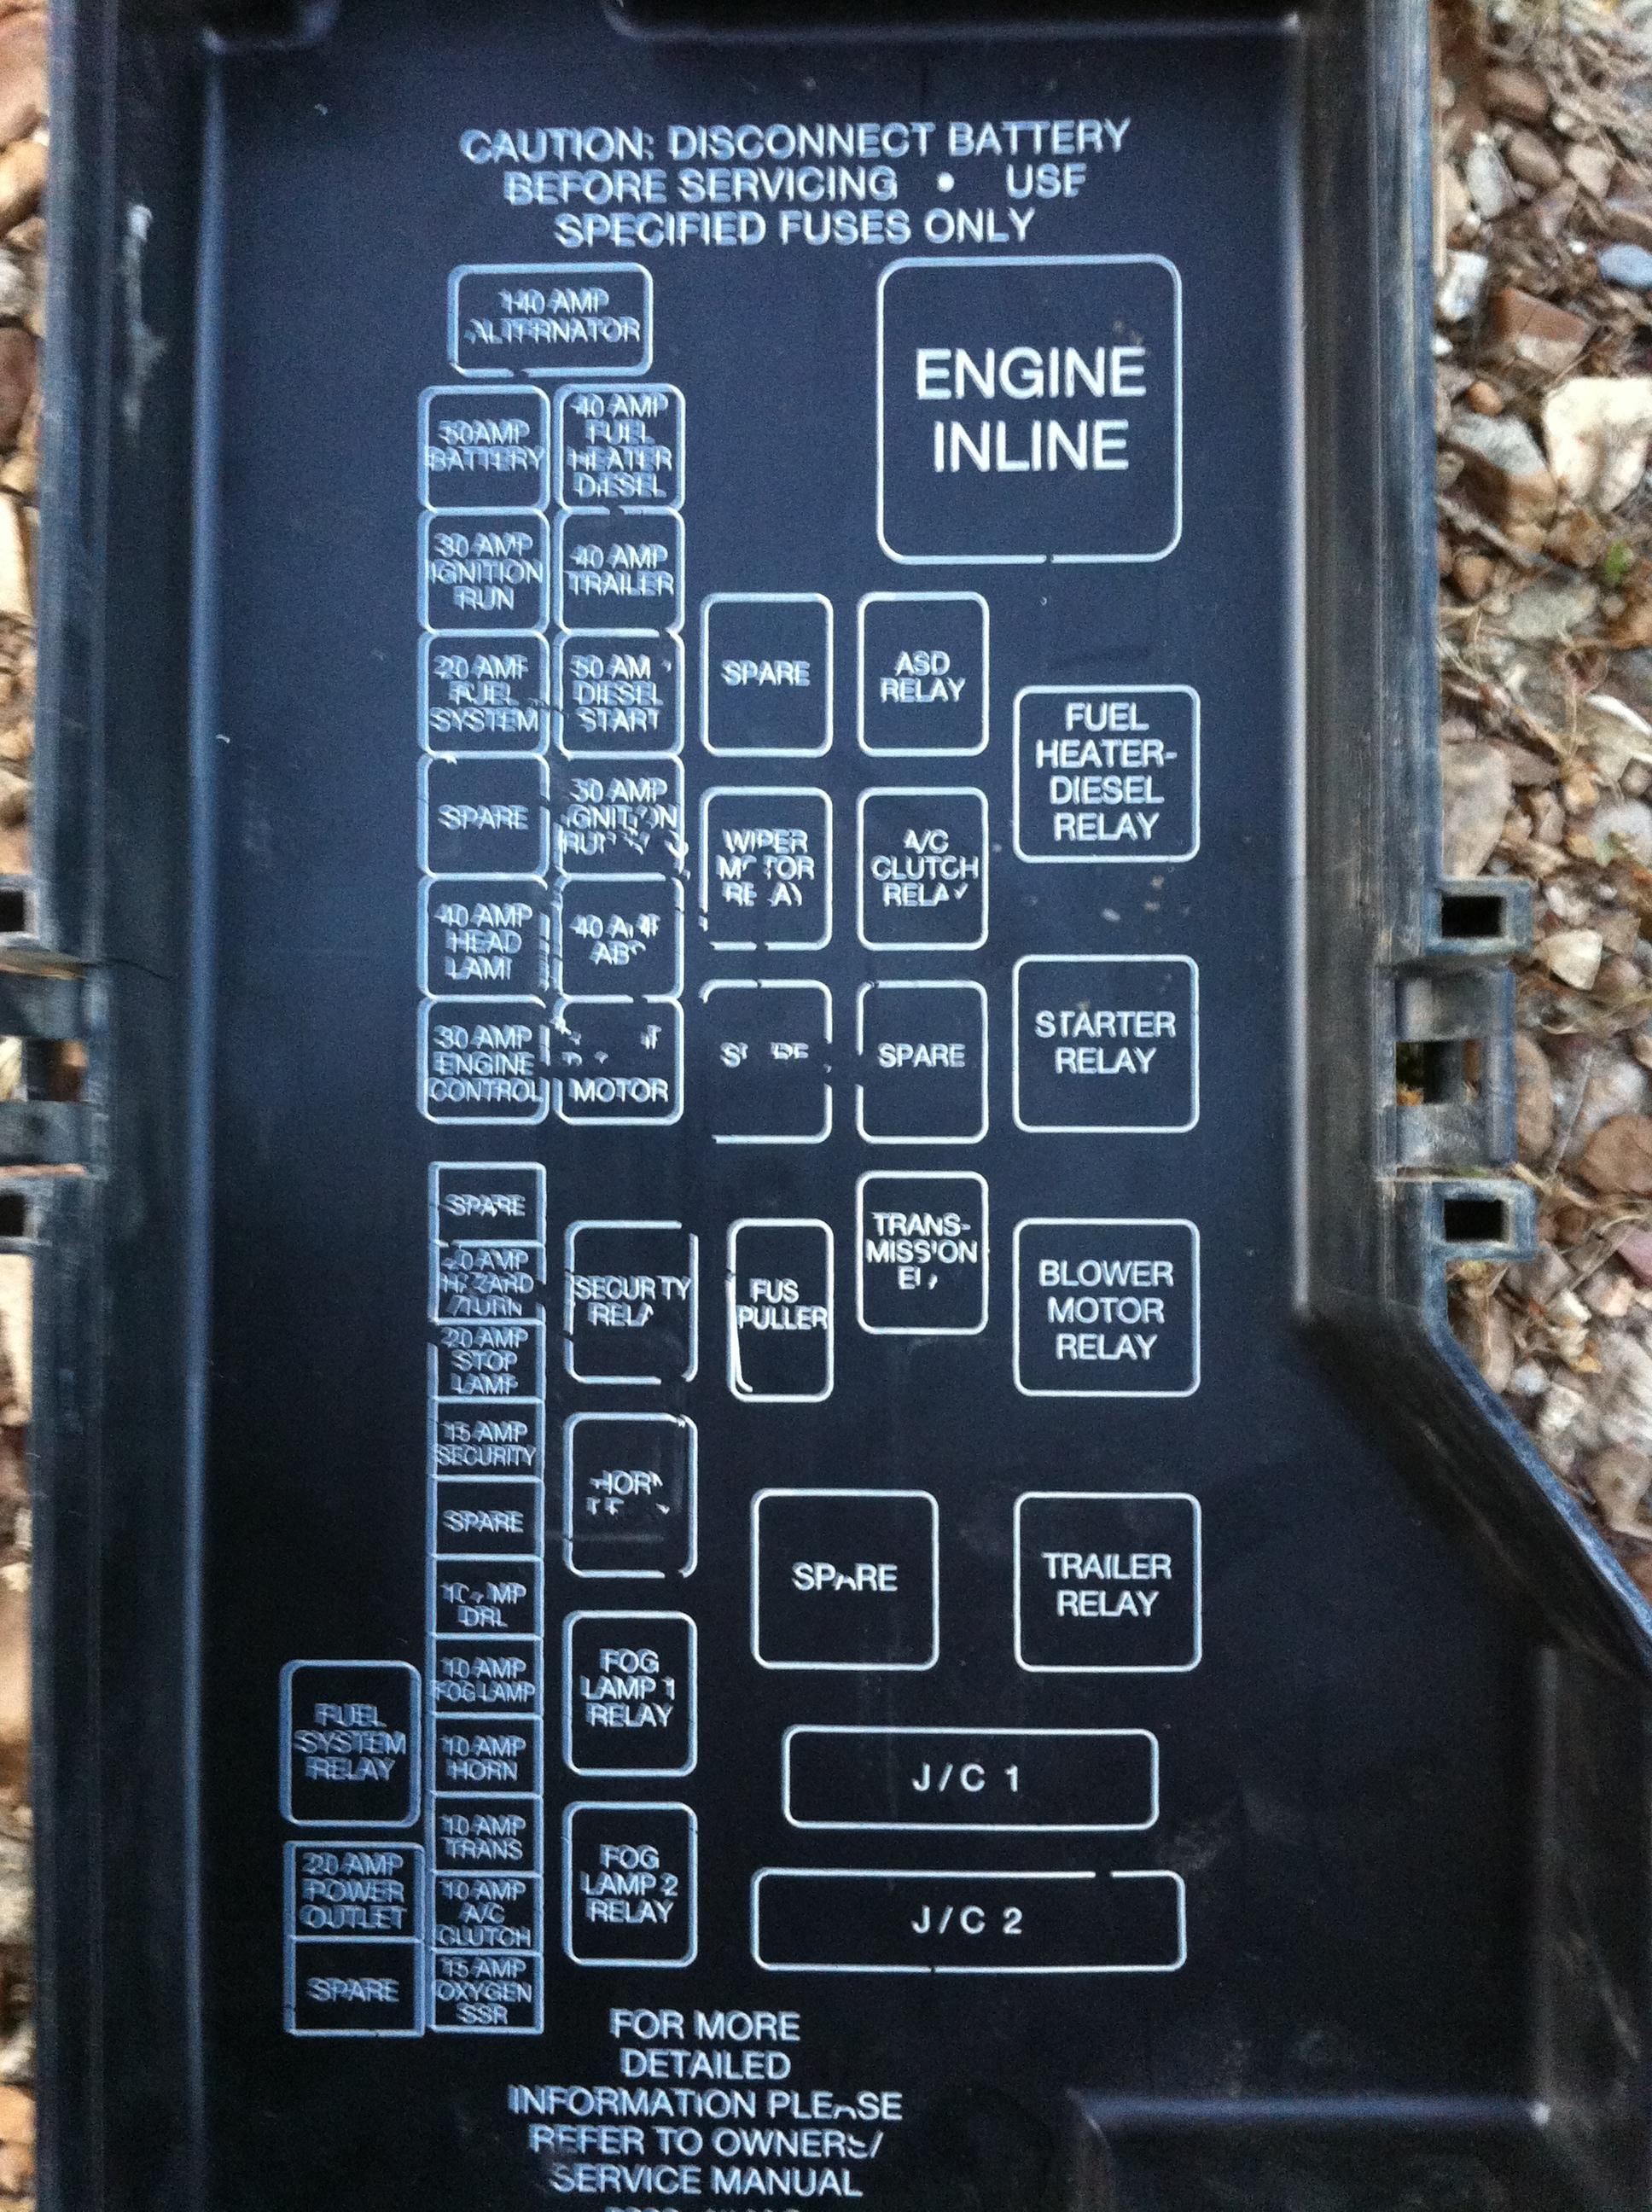 2014 Dodge Ram 2500 Fuse Diagram Wiring Diagram Approval A Approval A Zaafran It